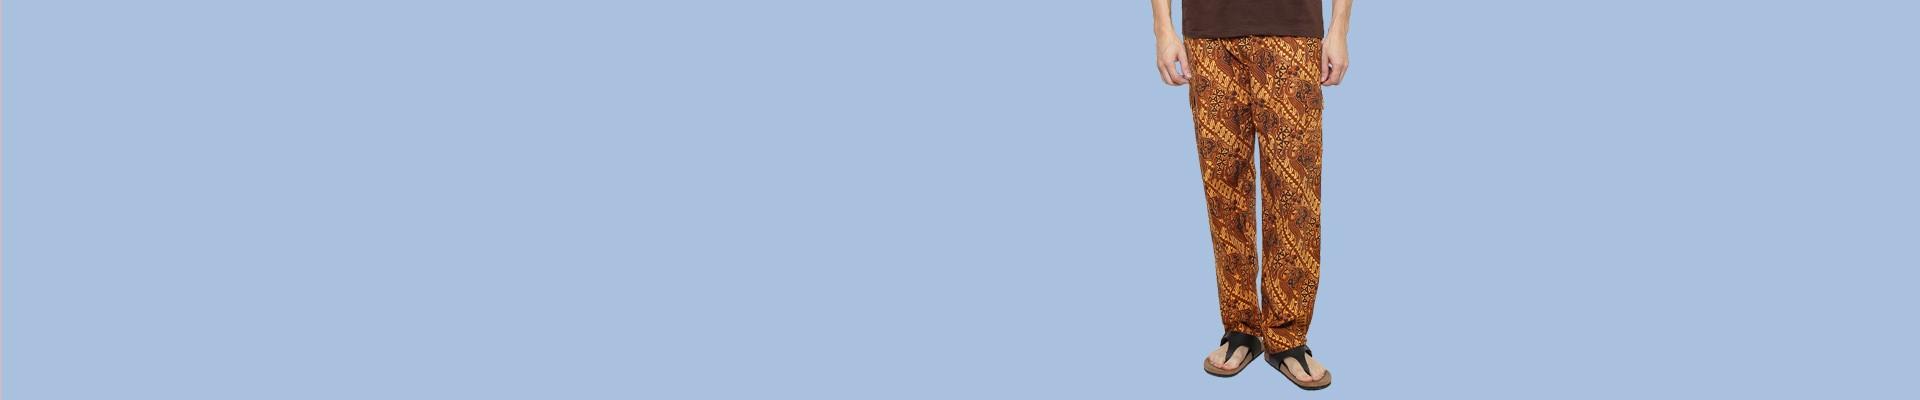 Jual Celana Batik Pria - Beli Celana Batik Pria Online